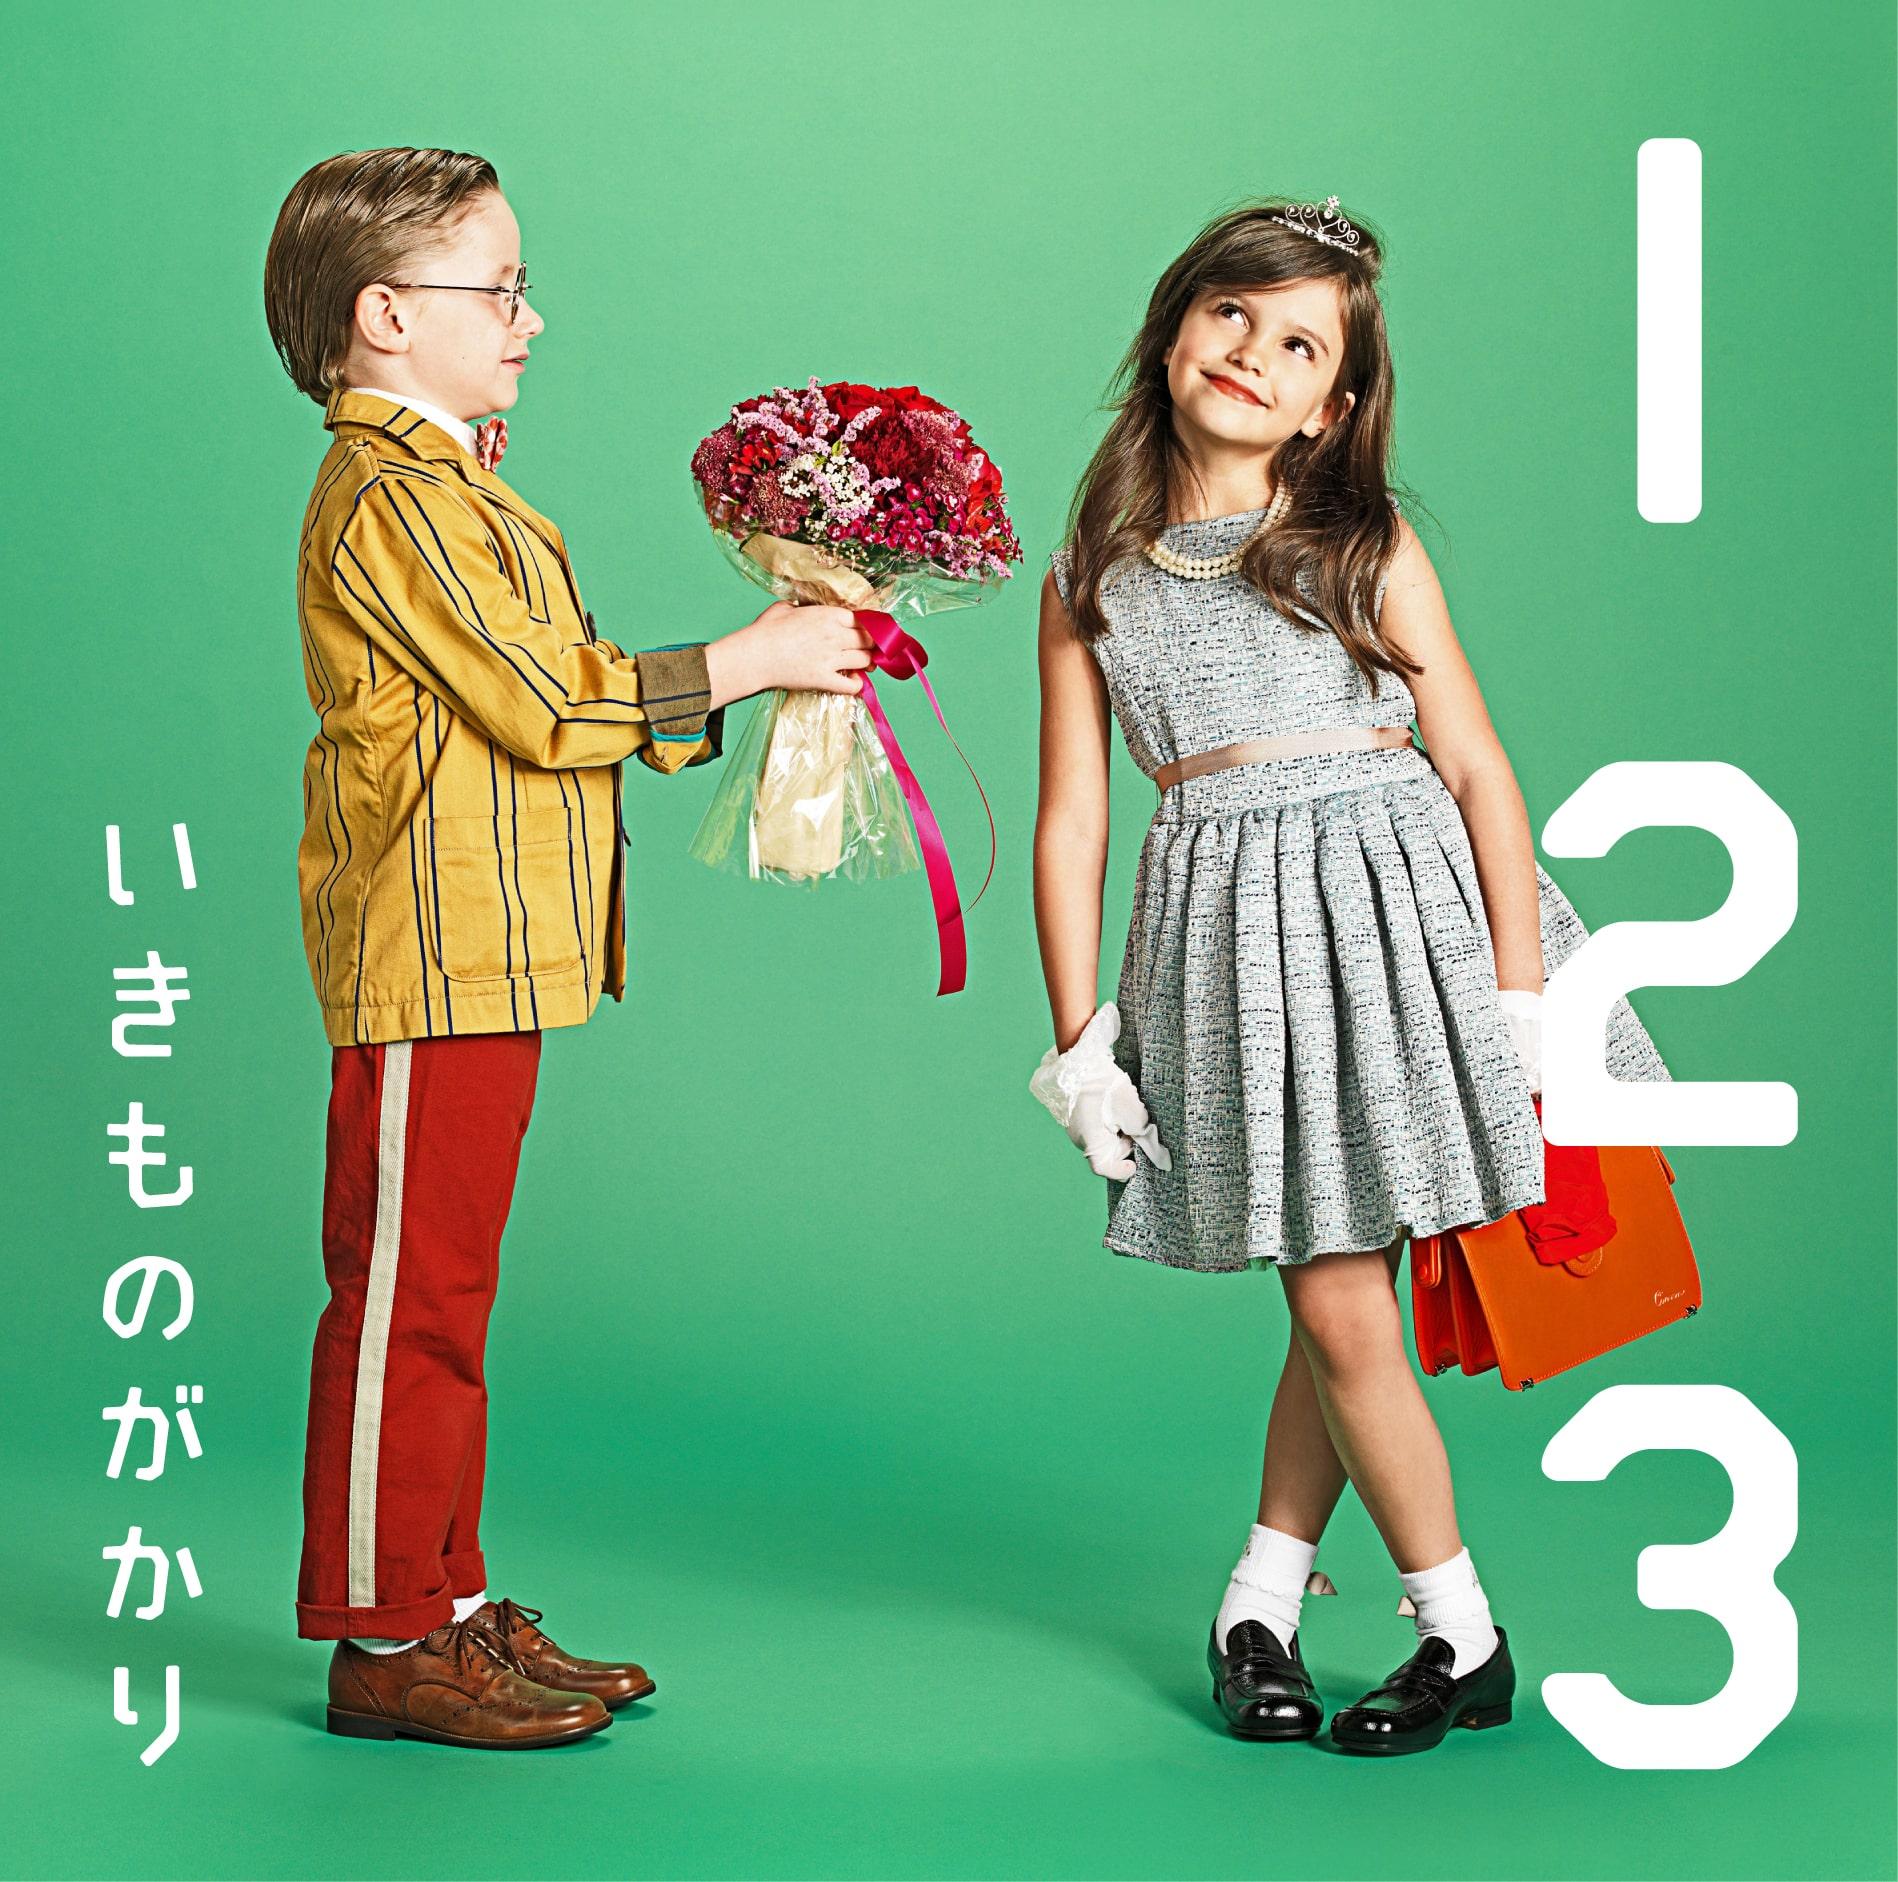 1 2 3 〜恋がはじまる〜